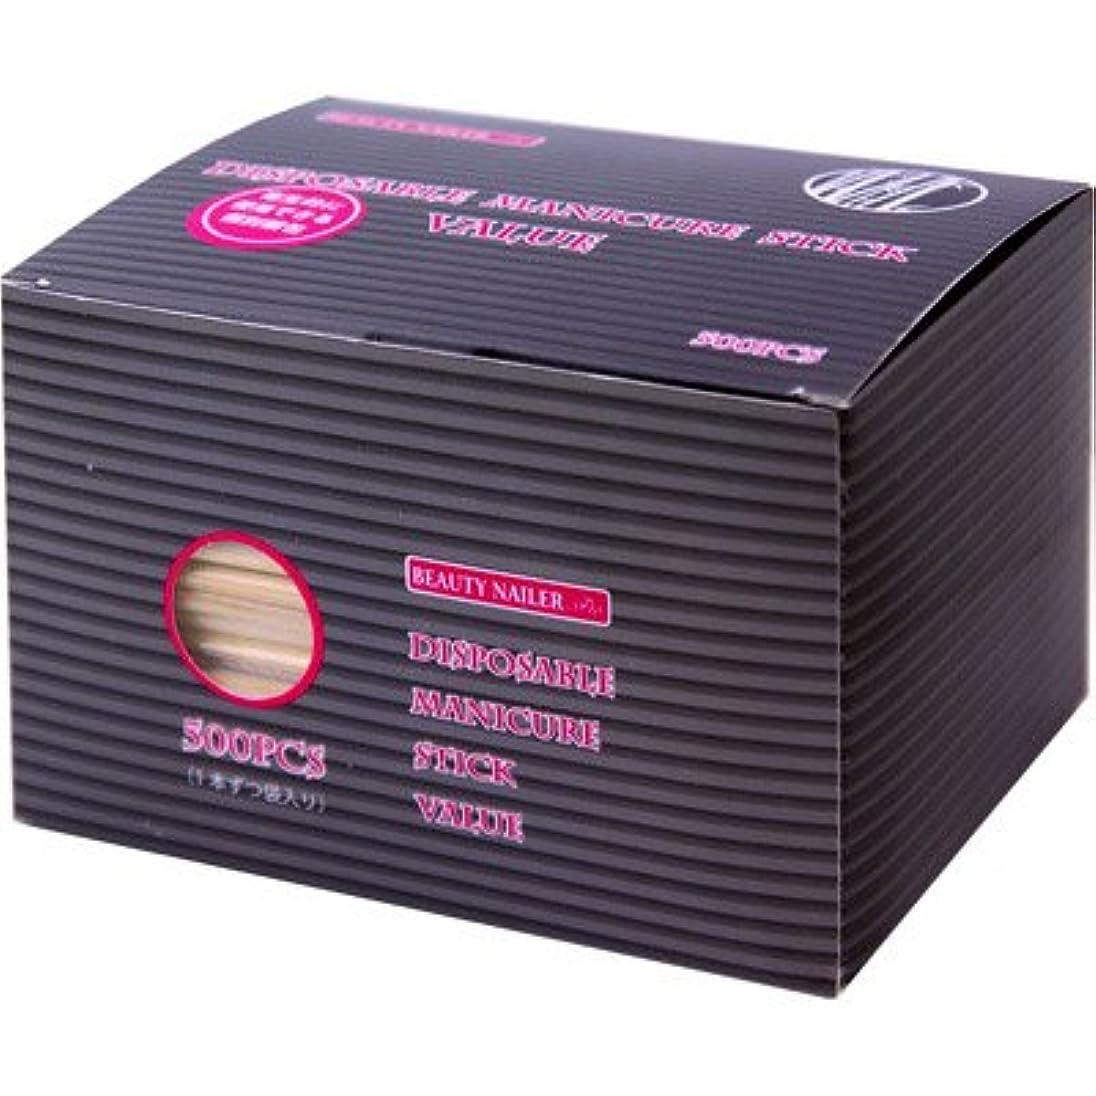 先行するディスパッチ一致ビューティーネイラー ディスポーザブルマニキュアステック 500本入り DMS-2